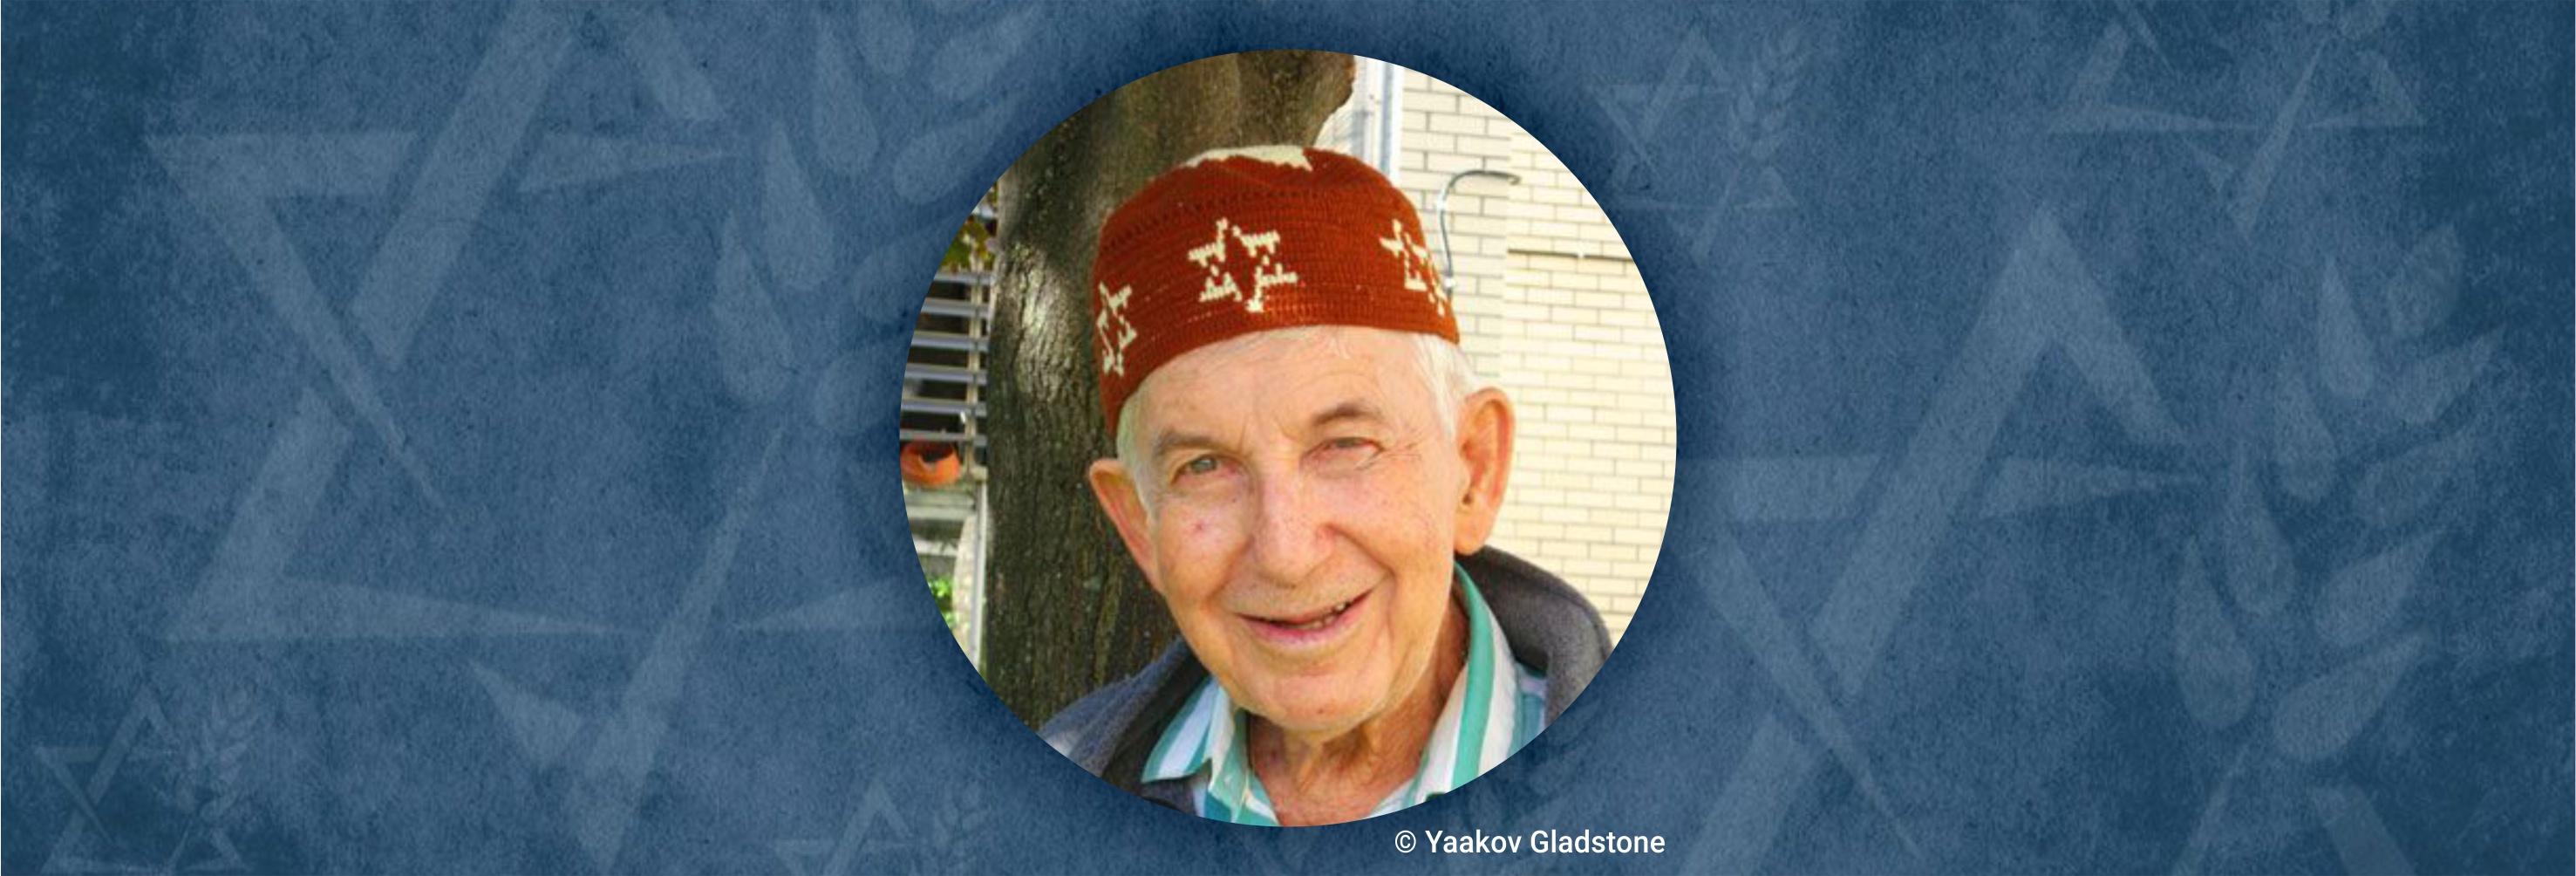 Yaakov Gladstone